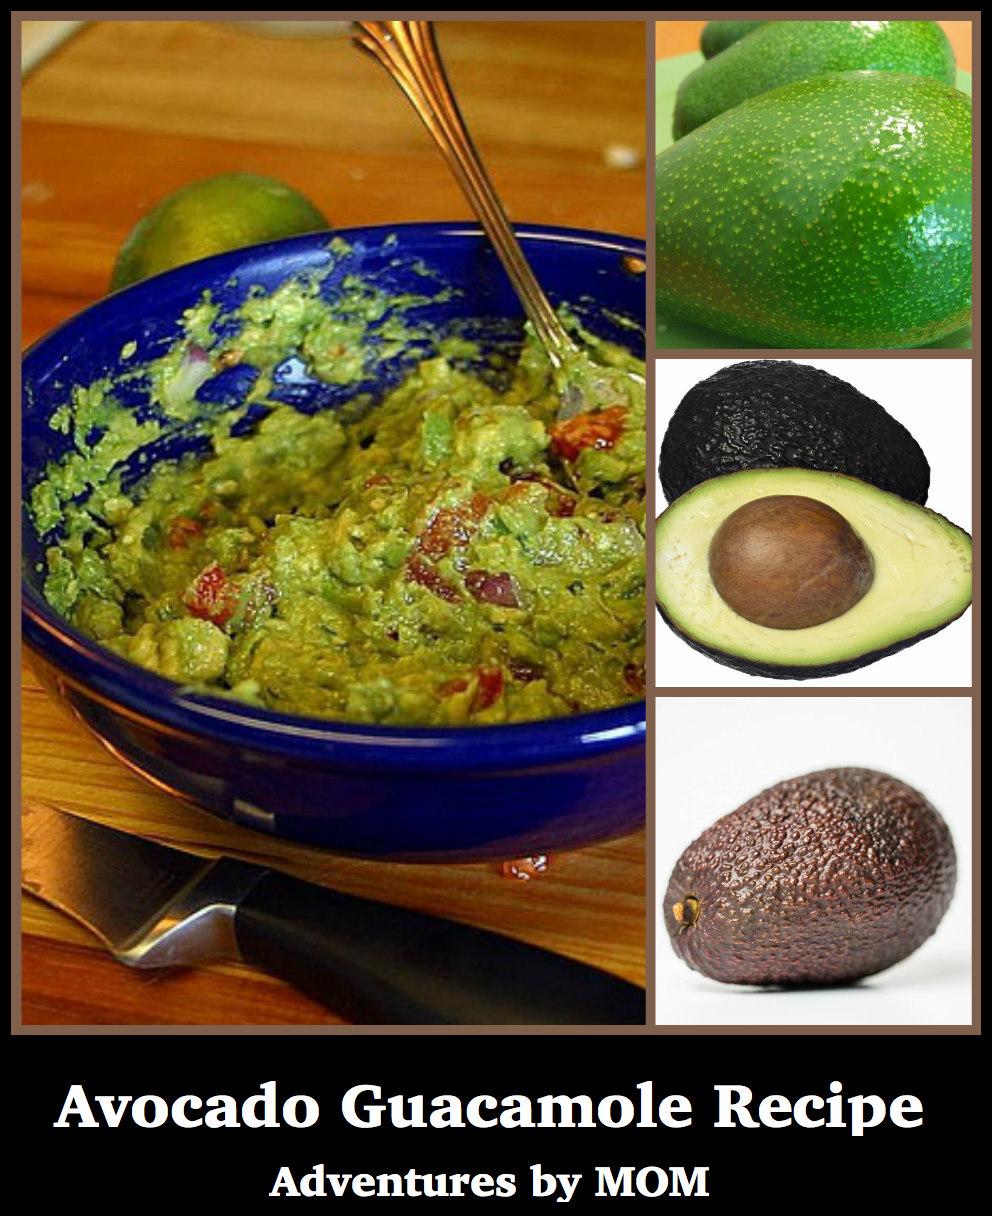 guacamole recipe with avocado